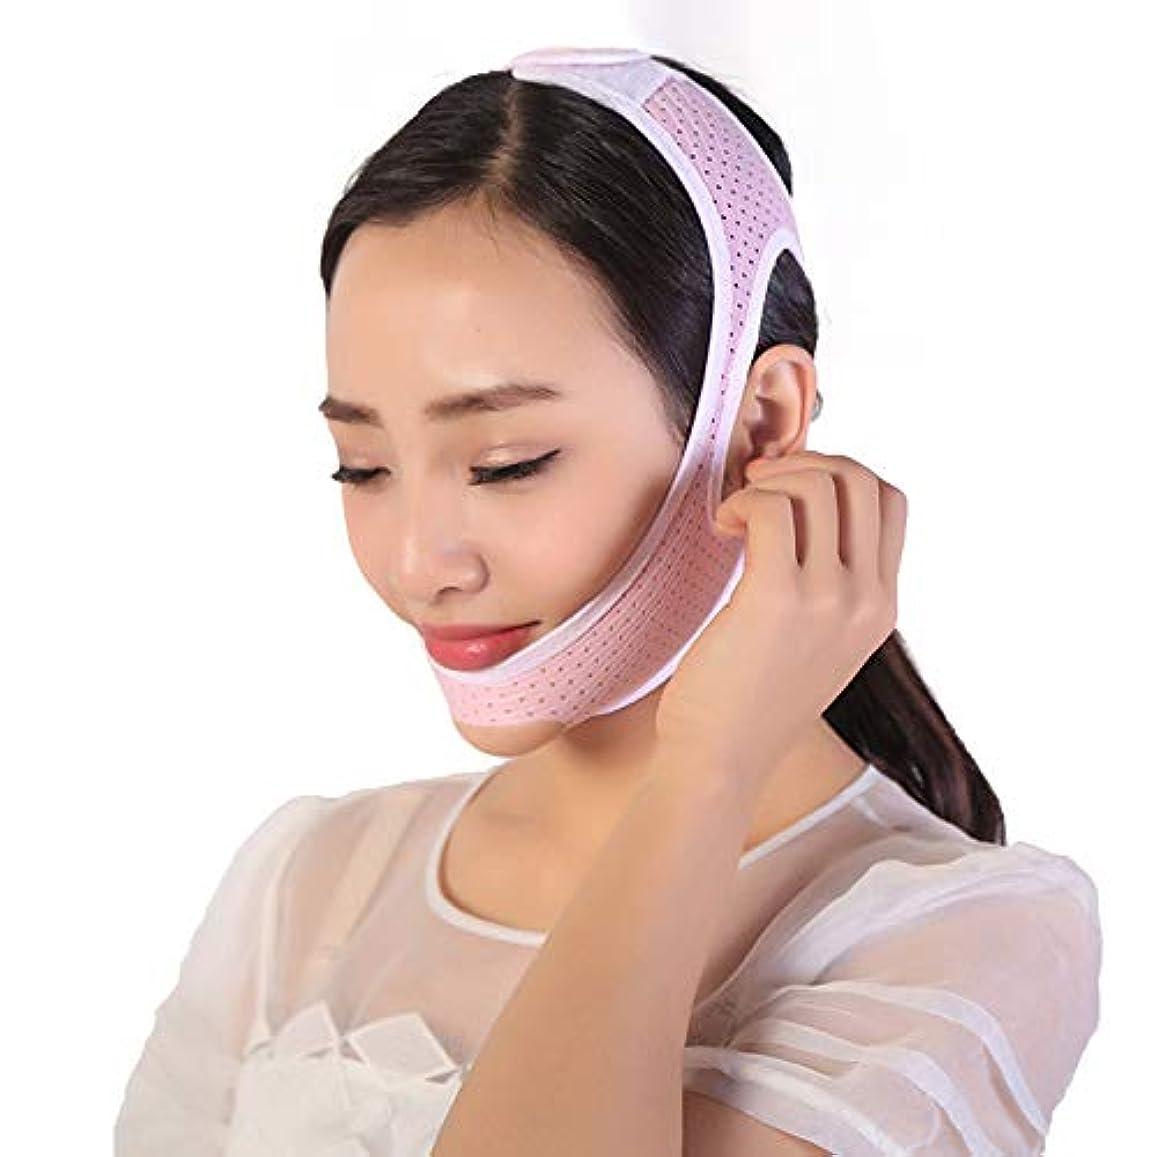 あいさつ要求折Jia Jia- フェイシャルリフティングスリミングベルト - 薄型フェイス包帯ダブルチンデバイスフェイシャルマッサージアンチエイジングリンクルフェイスマスクベルト 顔面包帯 (サイズ さいず : L l)